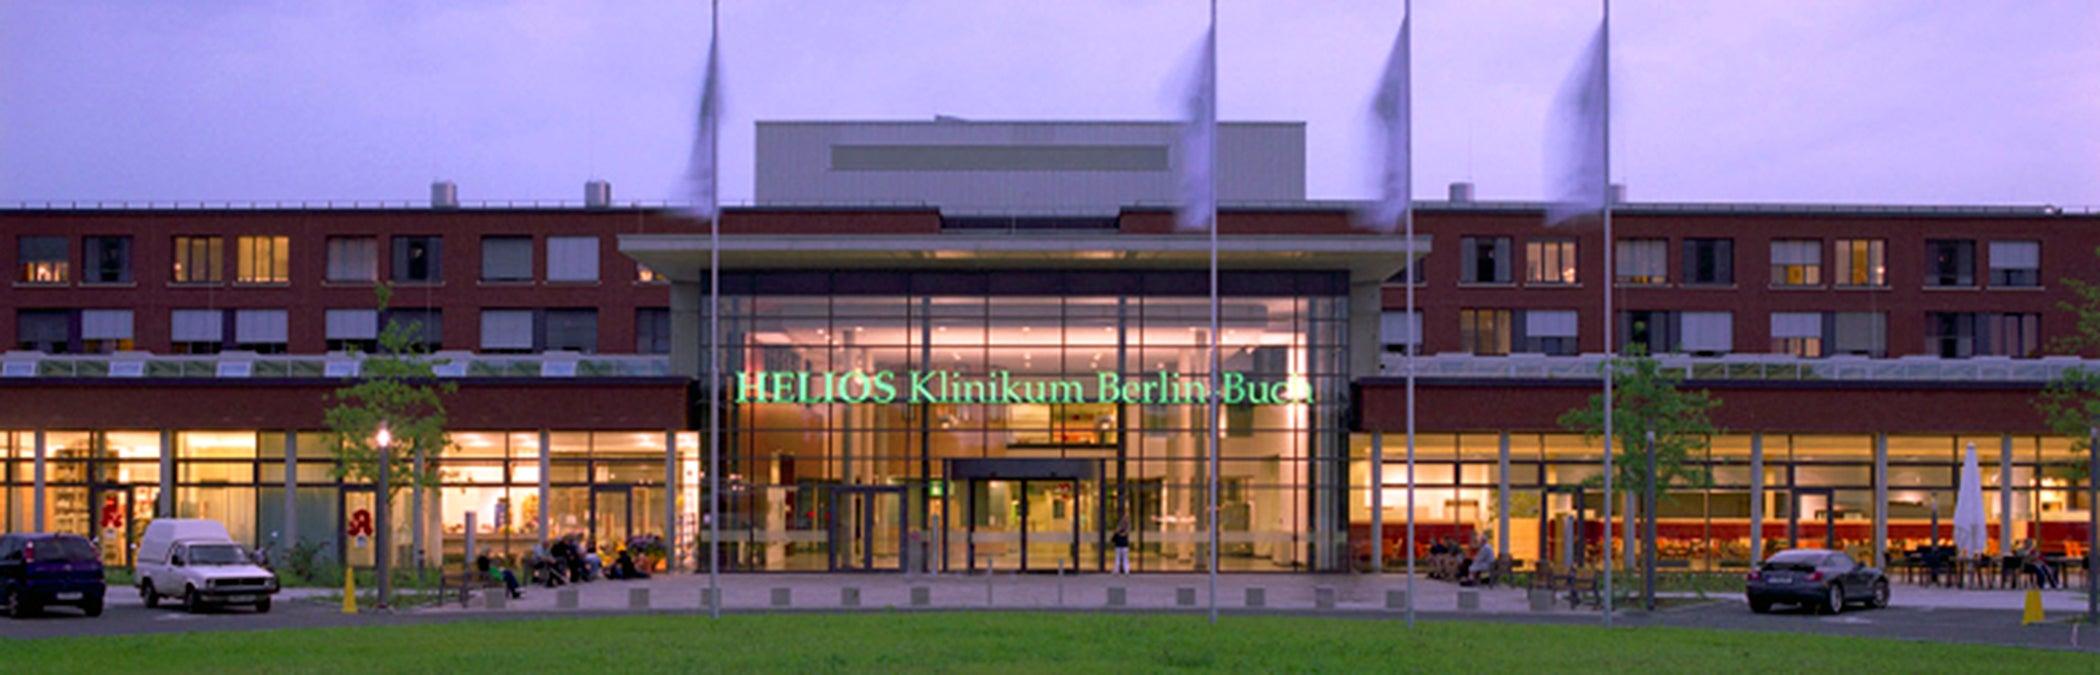 Berlin Buch Hospital Hdr